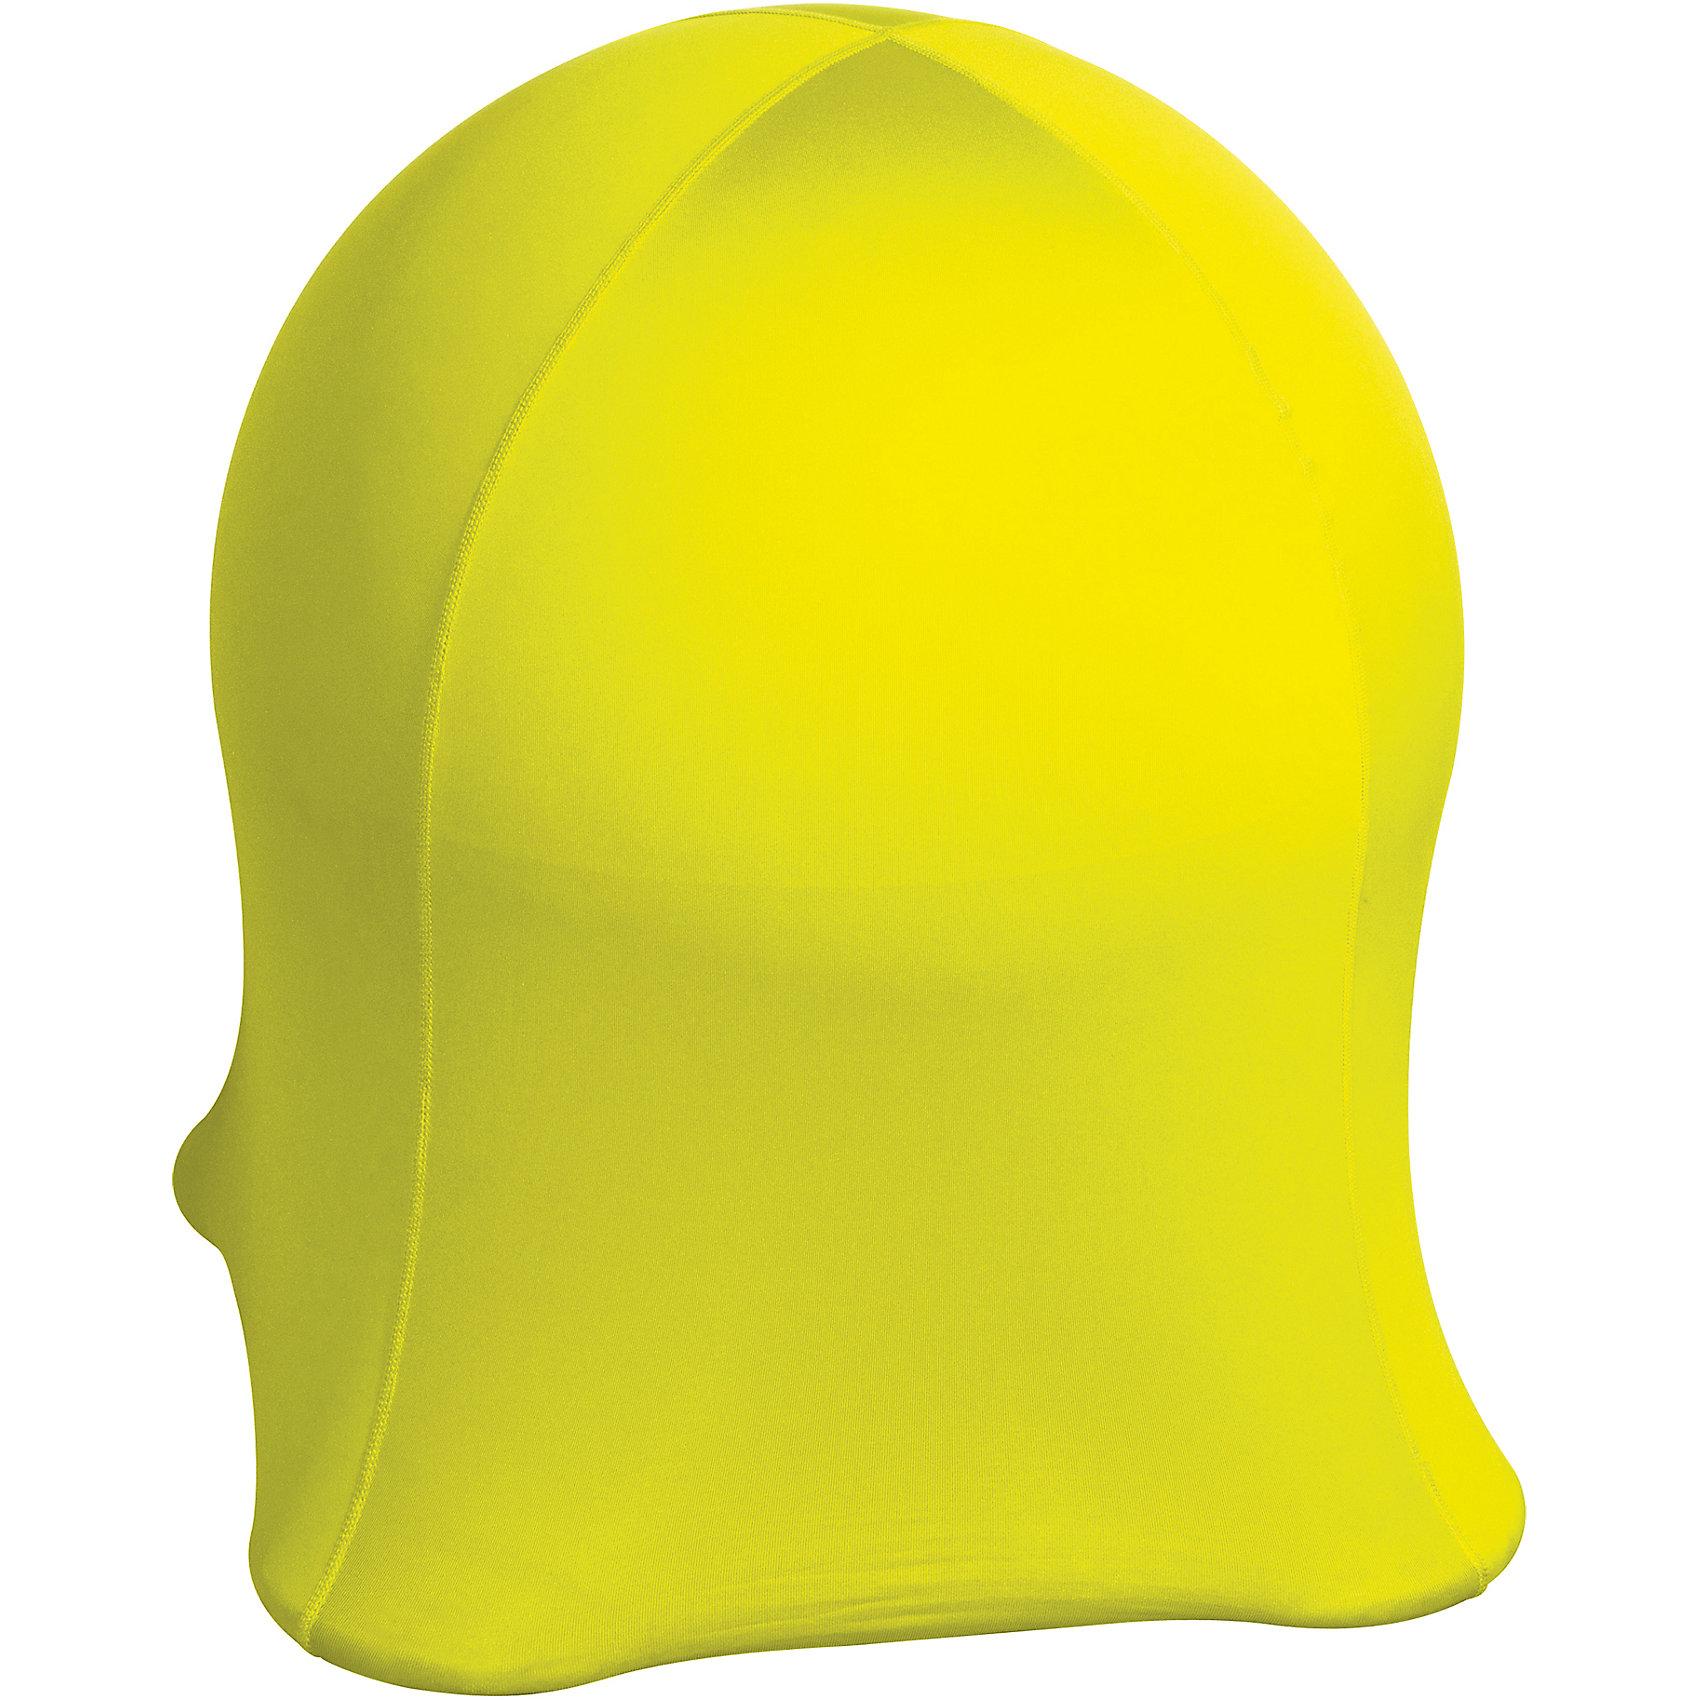 Желтый пуф Медуза 47*47*52,5 см